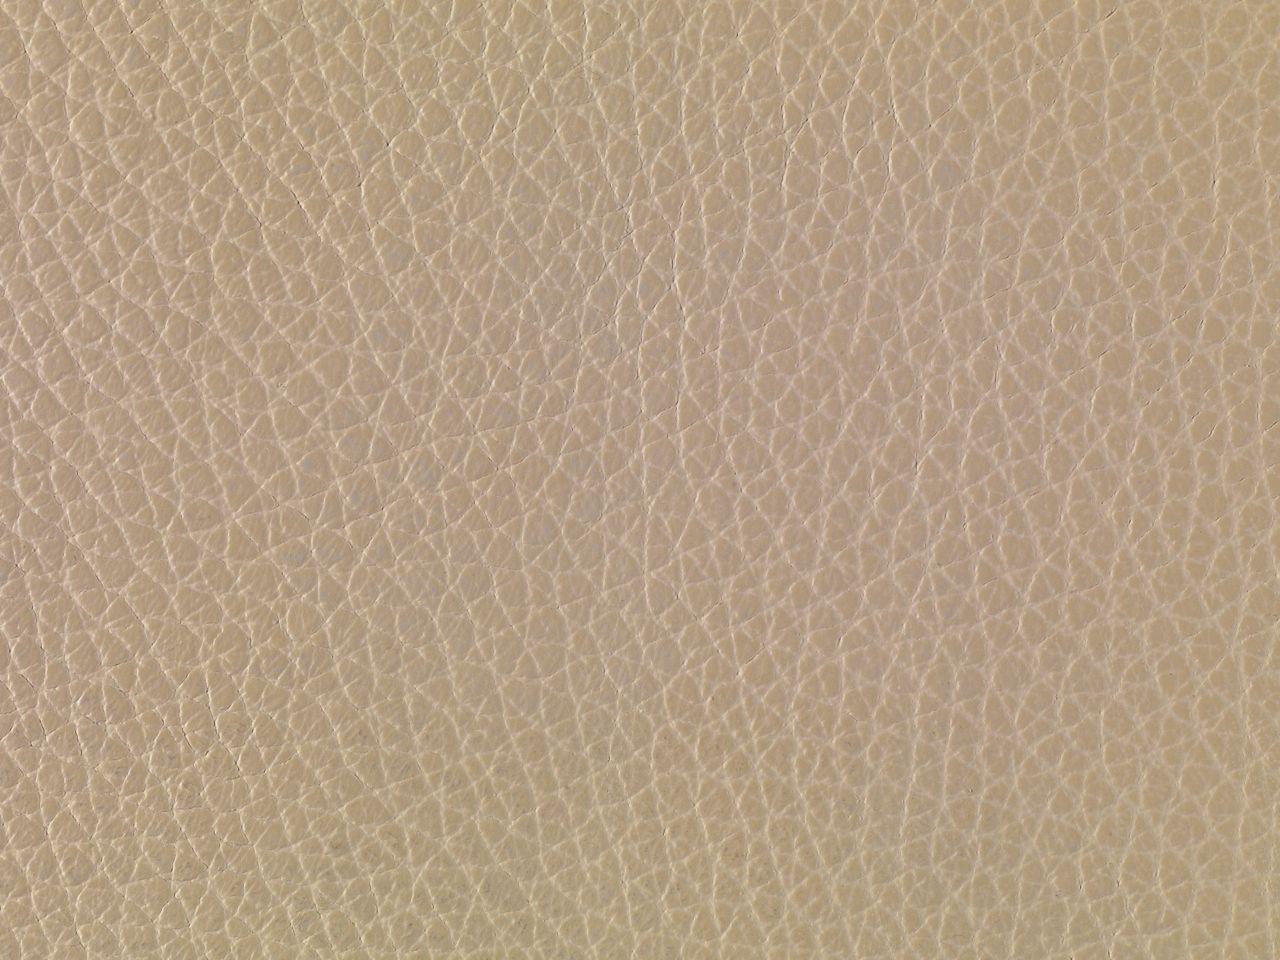 Texture Pelle Divano.Texture Rivestimento In Pelle Color Rosino Rivestimenti